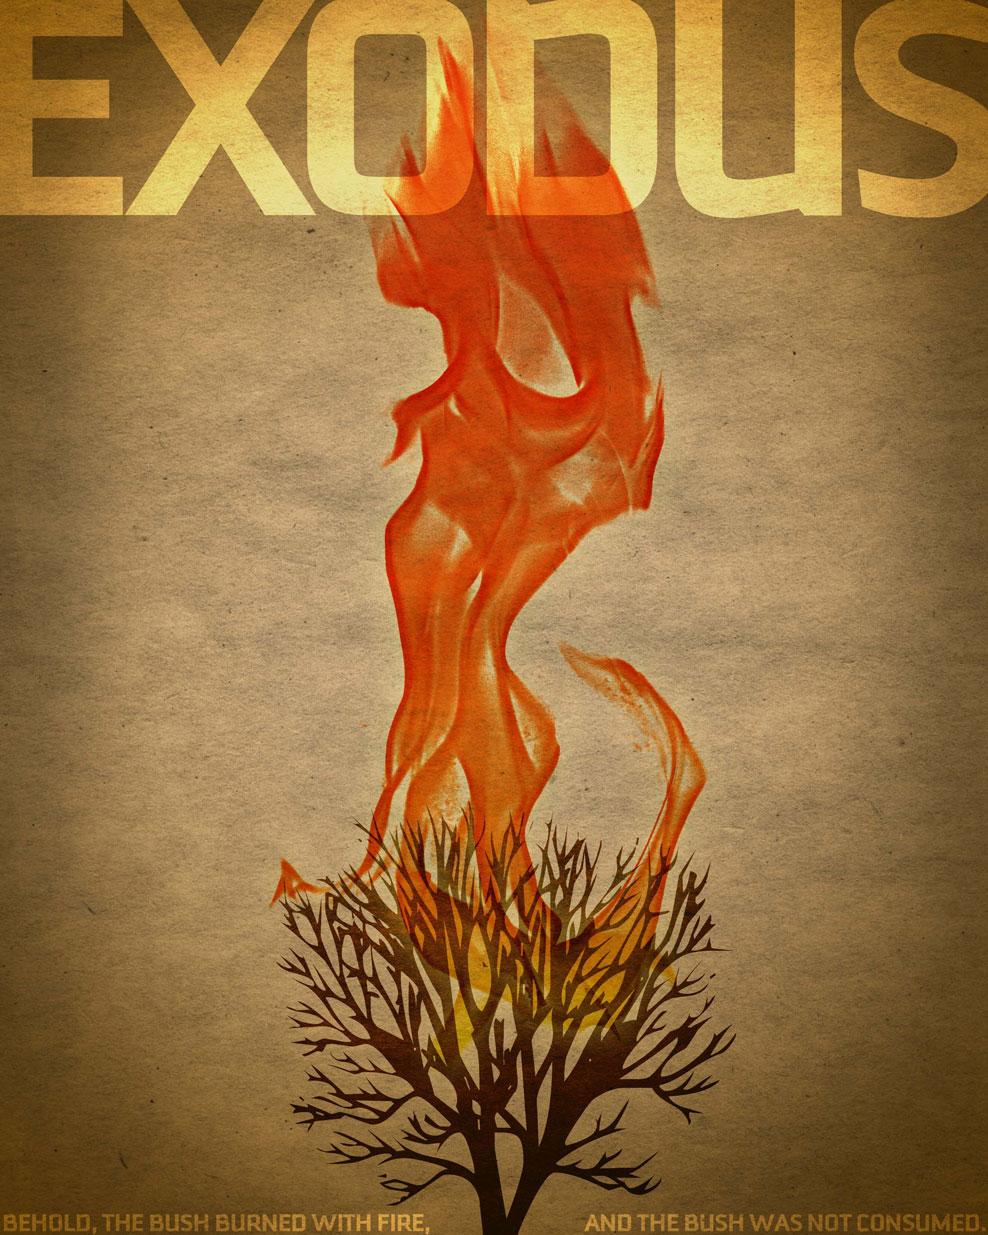 02-Exodus_Jim-LePage.jpg